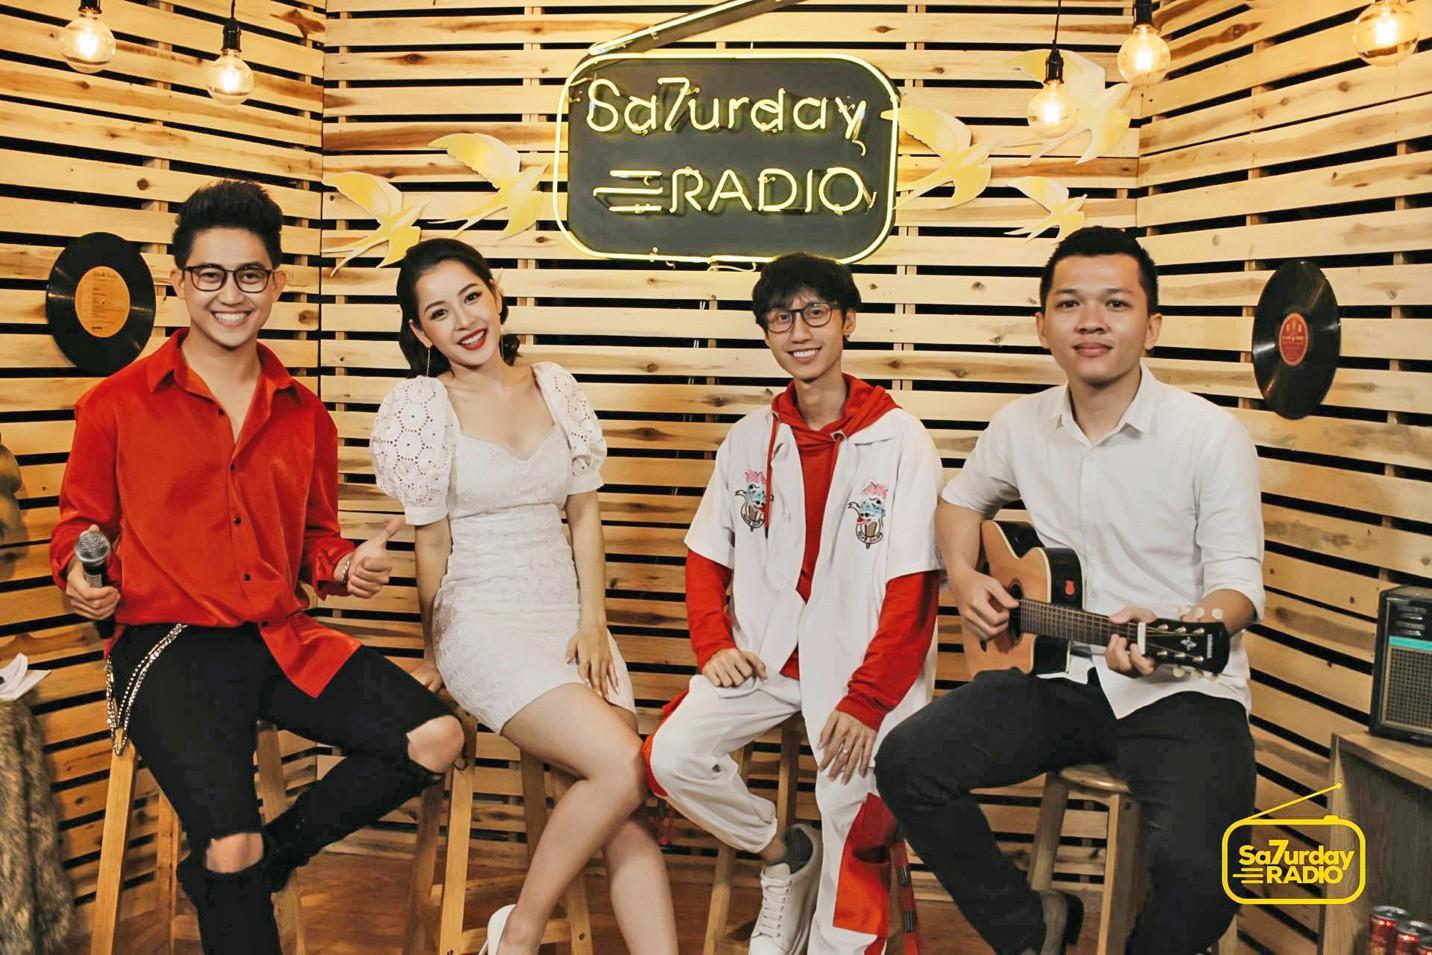 """Saturday Radio: Chi Pu lên sóng """"xóa tan"""" những hoài nghi khi kết hợp với Đen Vâu, Lynk Lee - Ảnh 1."""